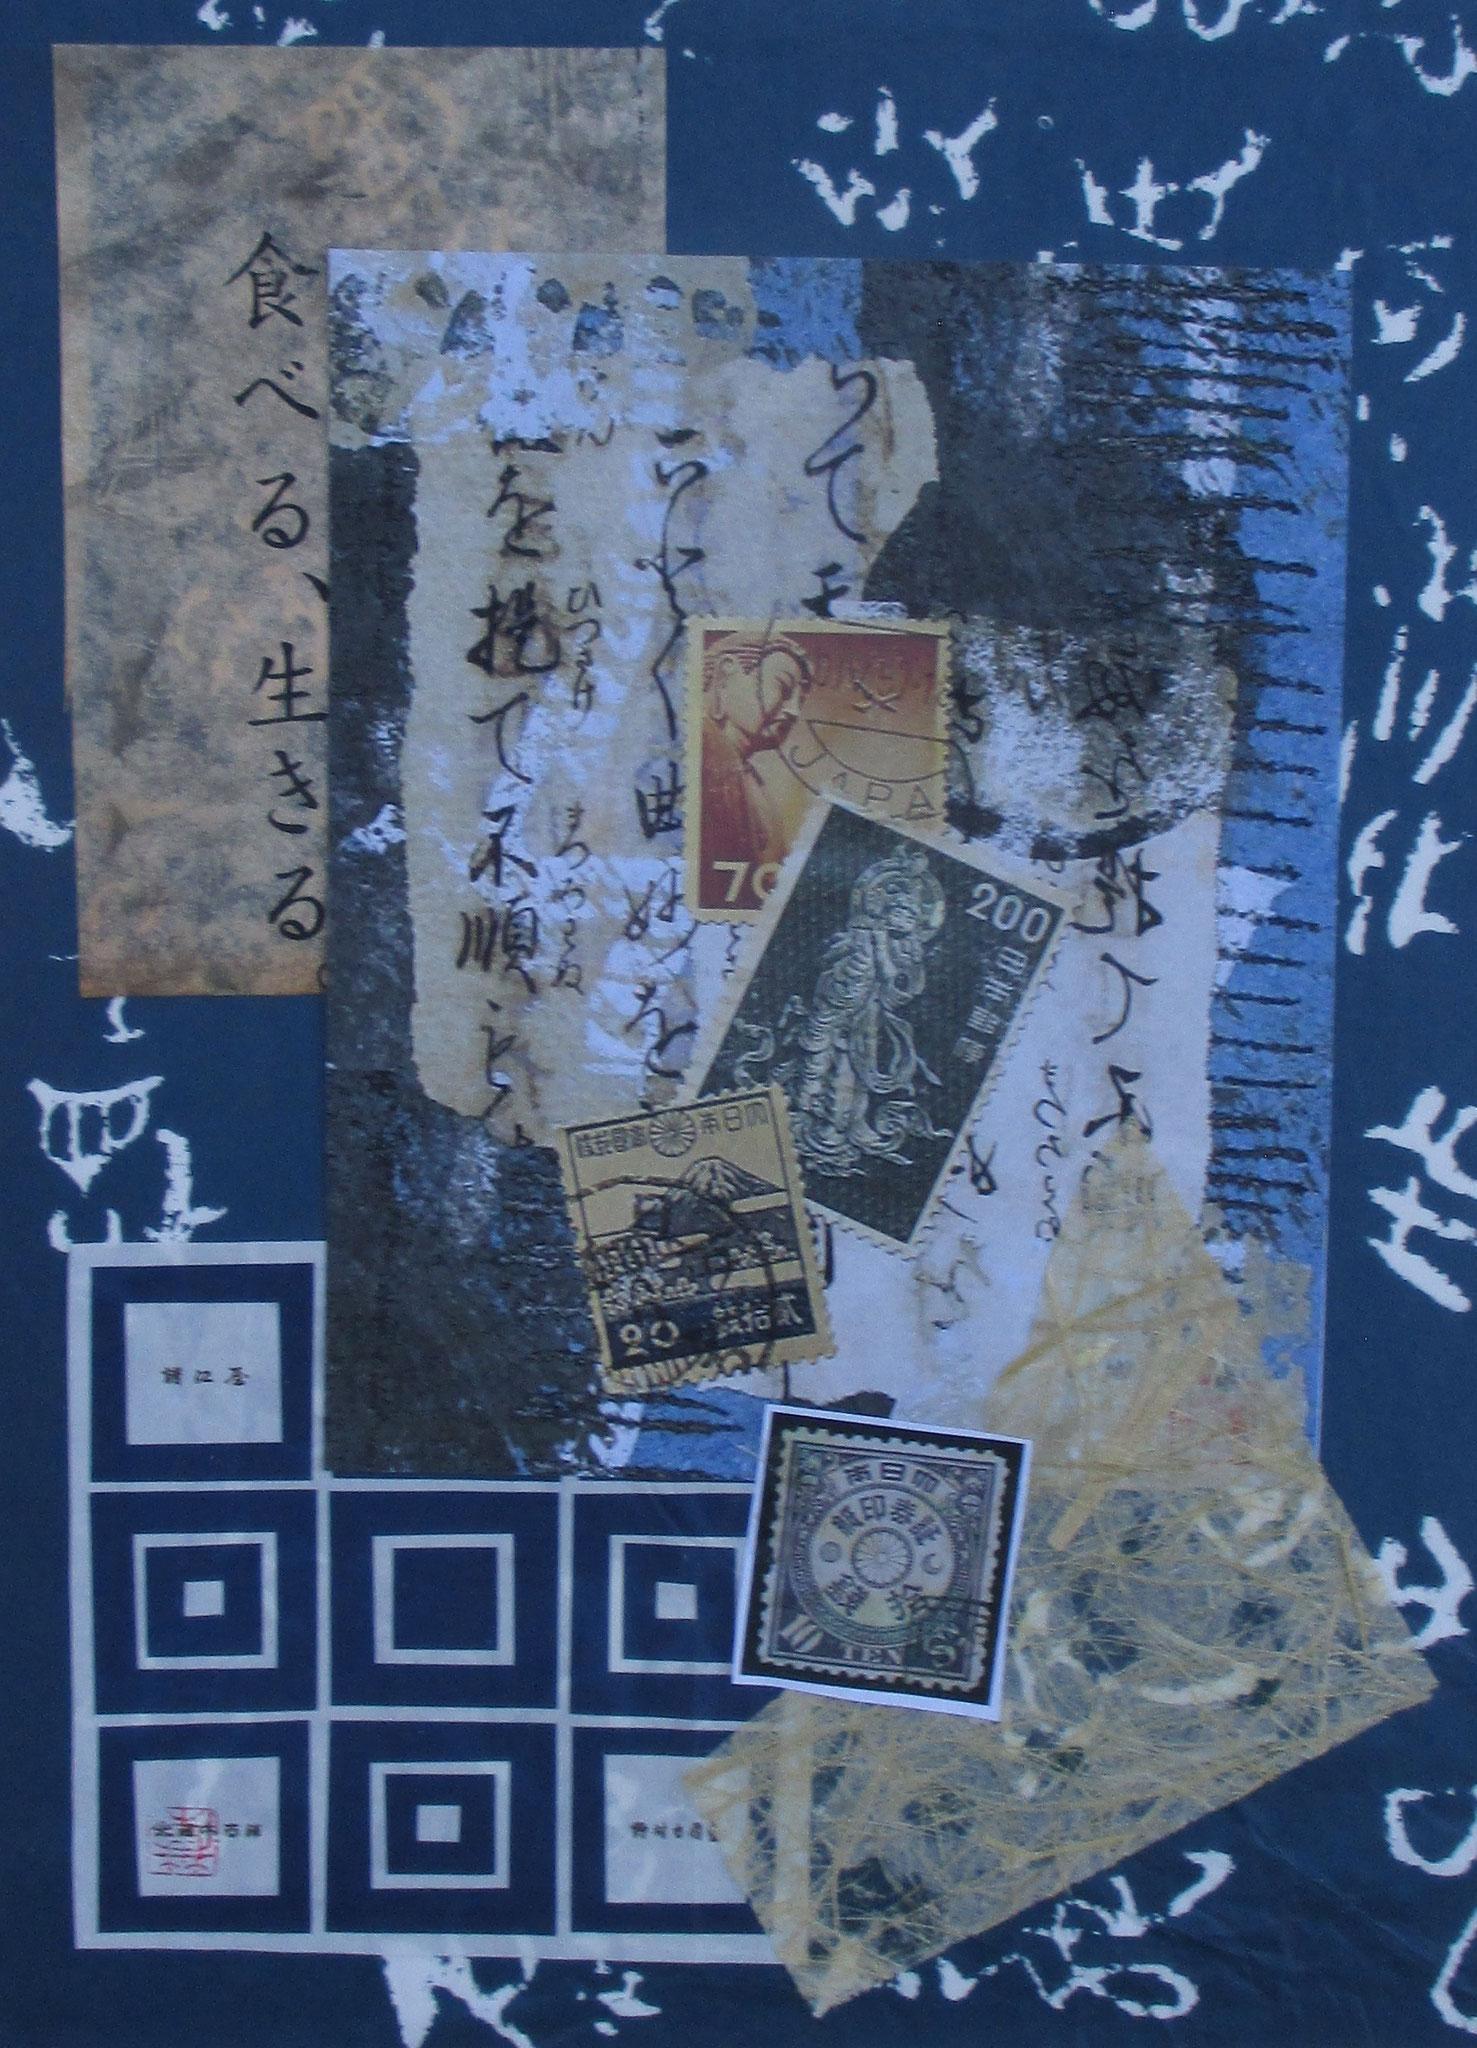 Enlightenment 啓発 Keihatsu   Collage, watercolor, ink 12 x 16 matted